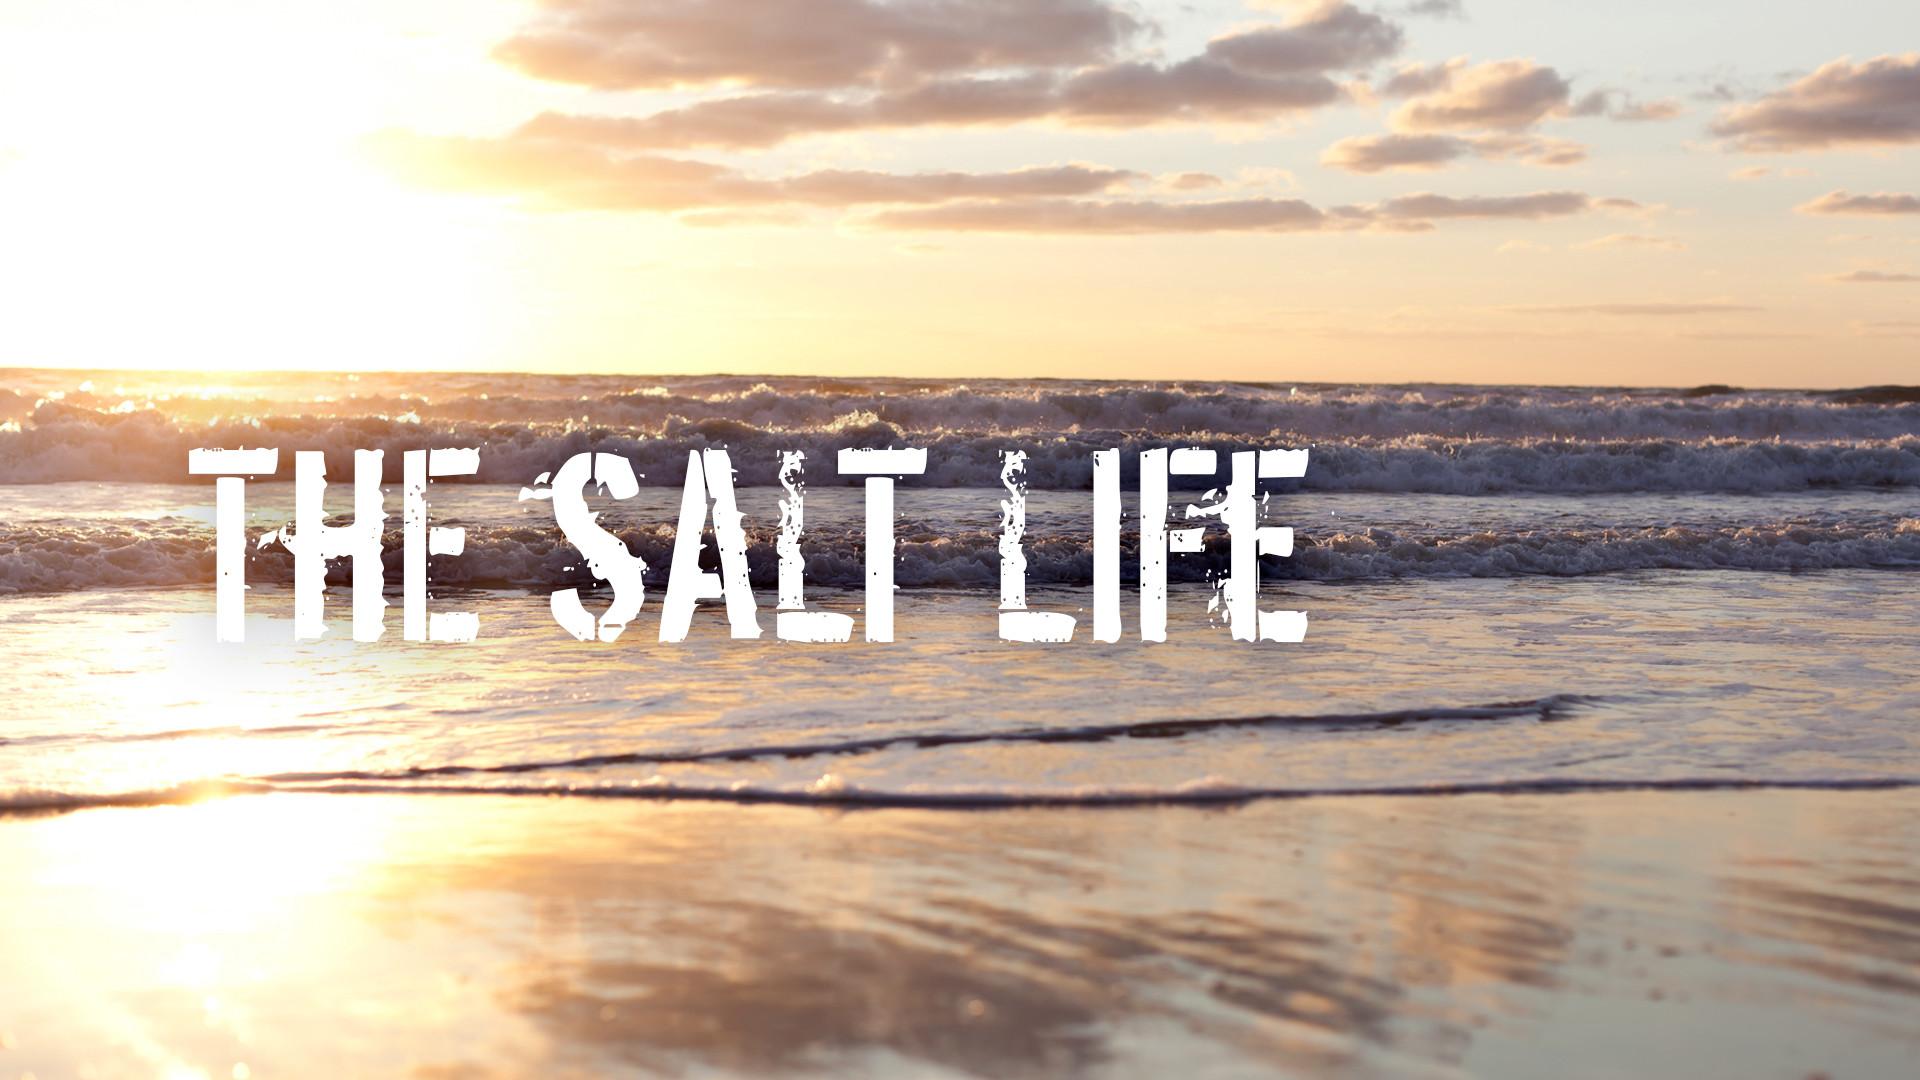 … salt life desktop background hd deskbg com …